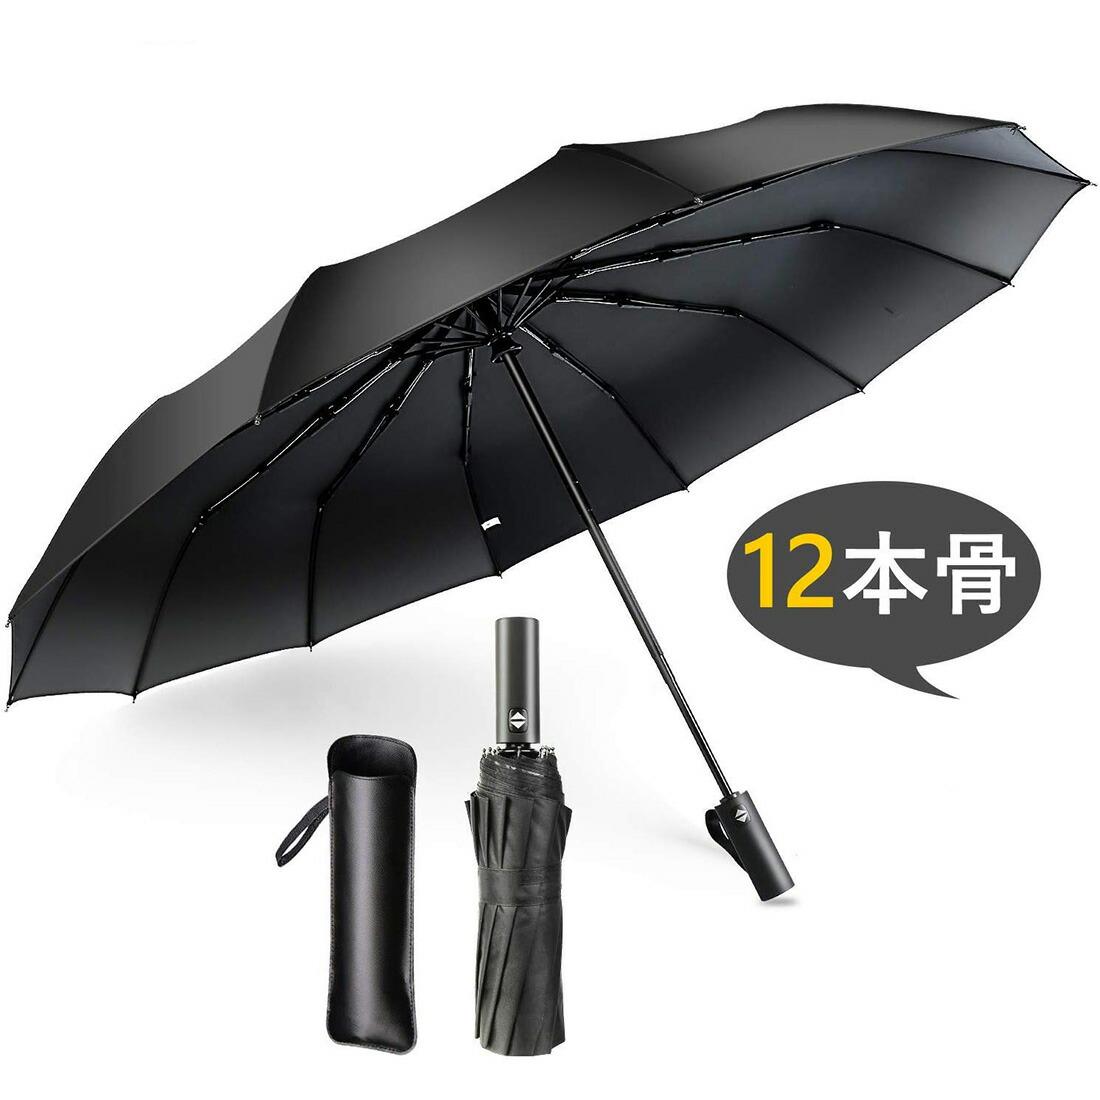 折りたたみ傘 ワンタッチ 自動開閉 大きい 頑丈な12本骨 メンズ 耐強風 超撥水 210T高強度グラスファイバー 梅雨対策 晴雨兼用 二重構造 ビッグサイズ